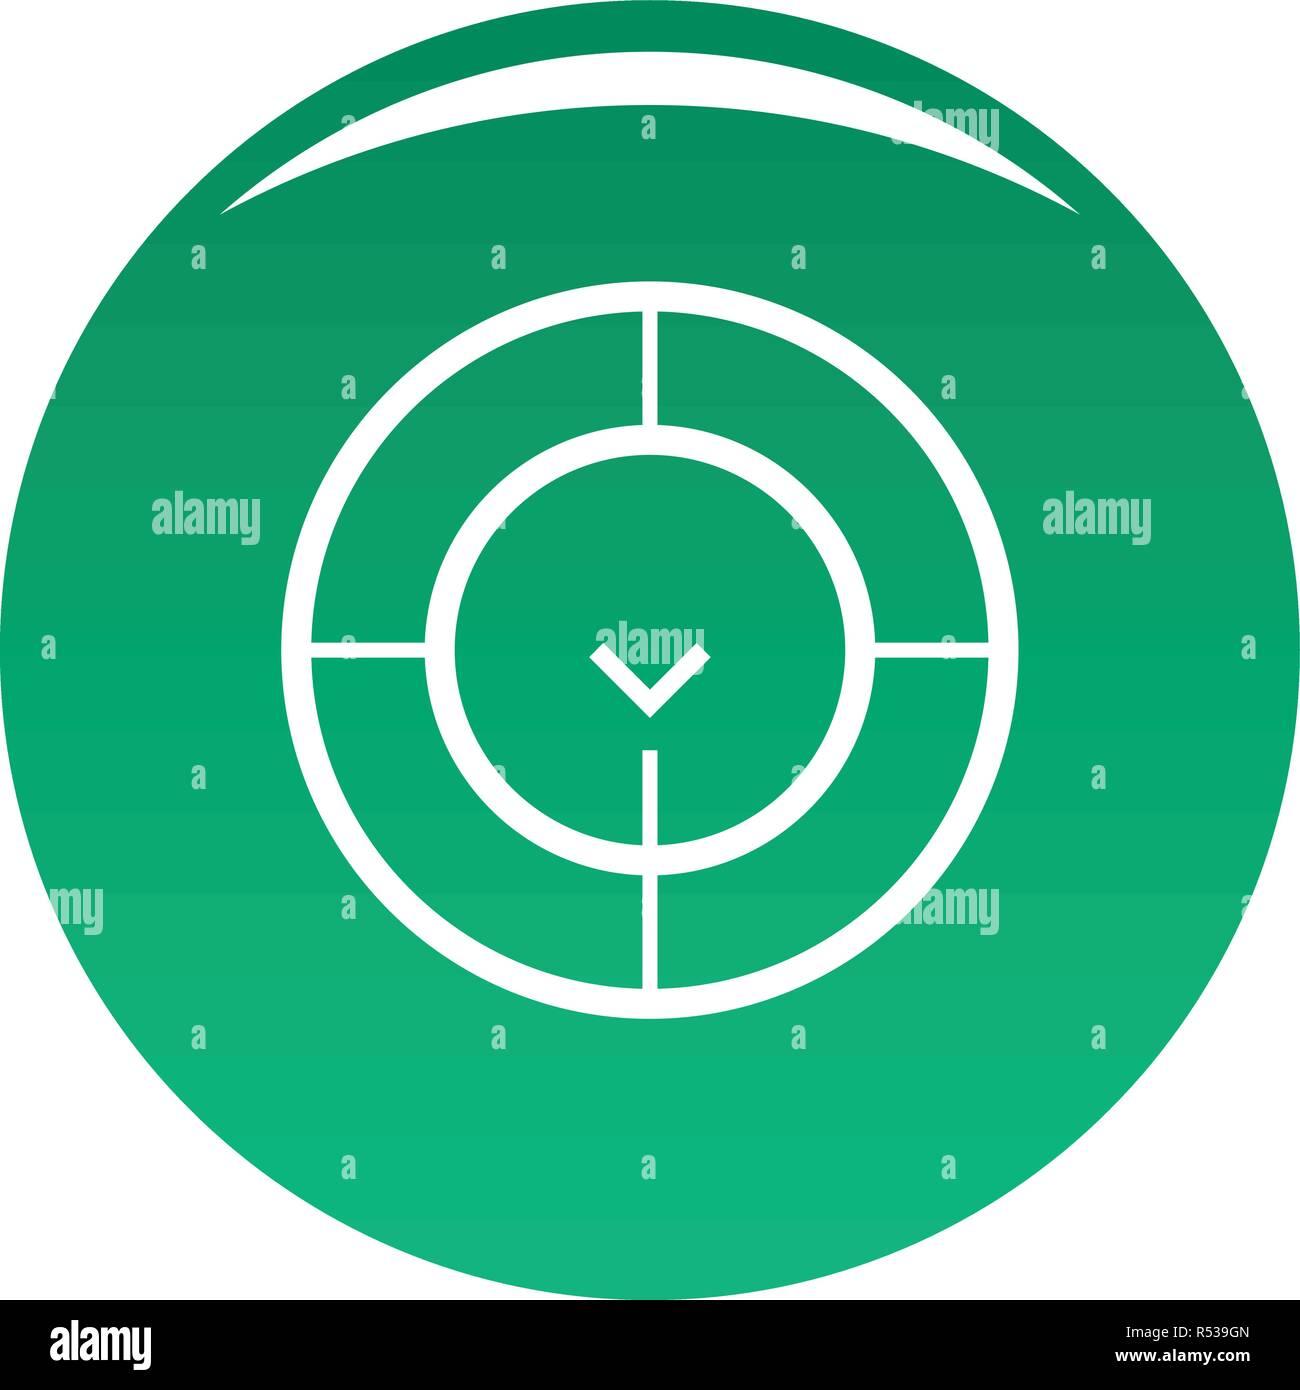 Prüfen Der Radar Symbol Einfache Abbildung Prüfen Von Radar Vektor